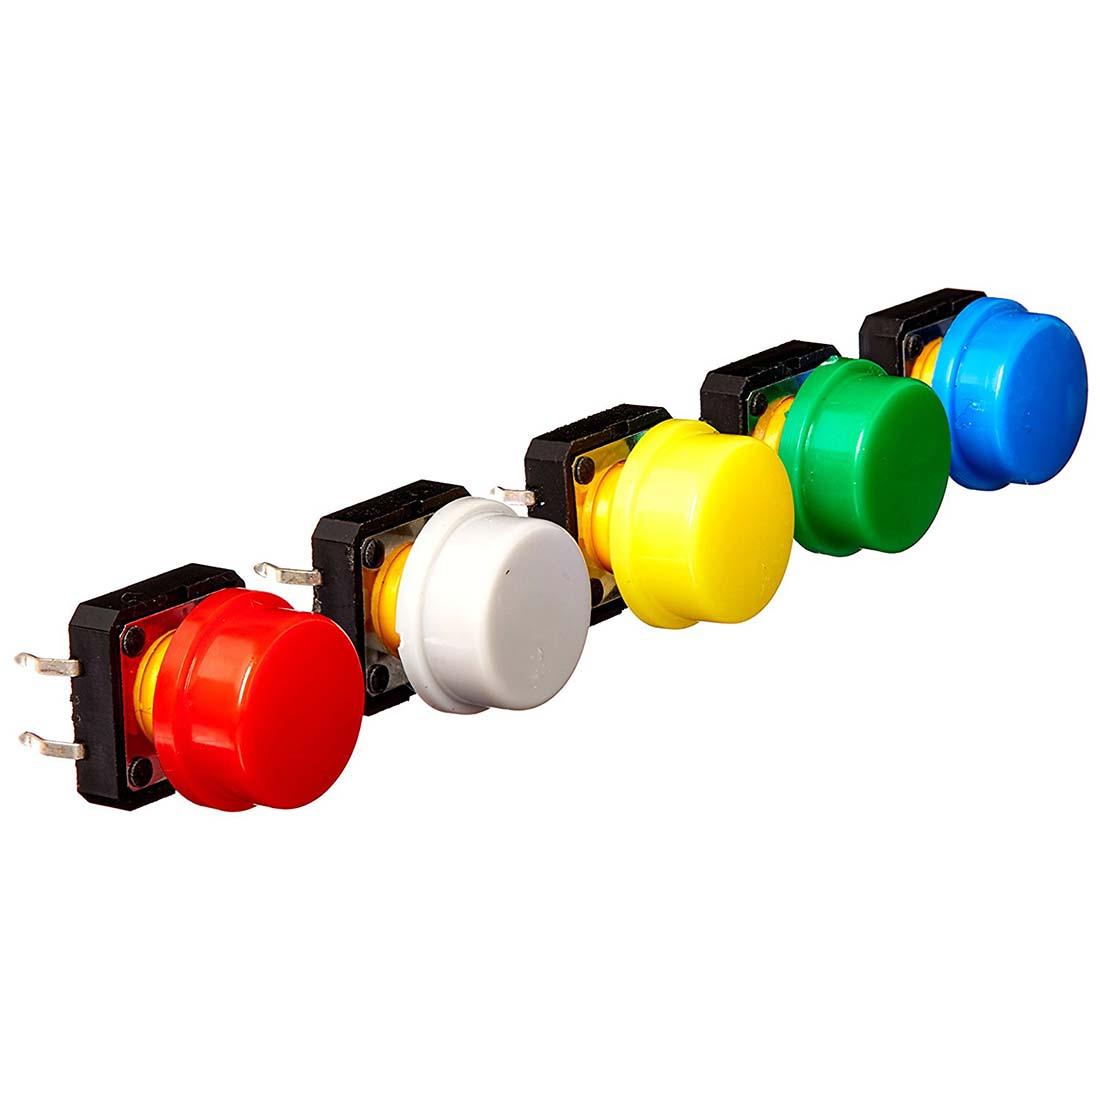 ca 10cm Doppel-Klicksystem-Verbinder für 10mm SMD-LED RGB Streifen lötfrei!